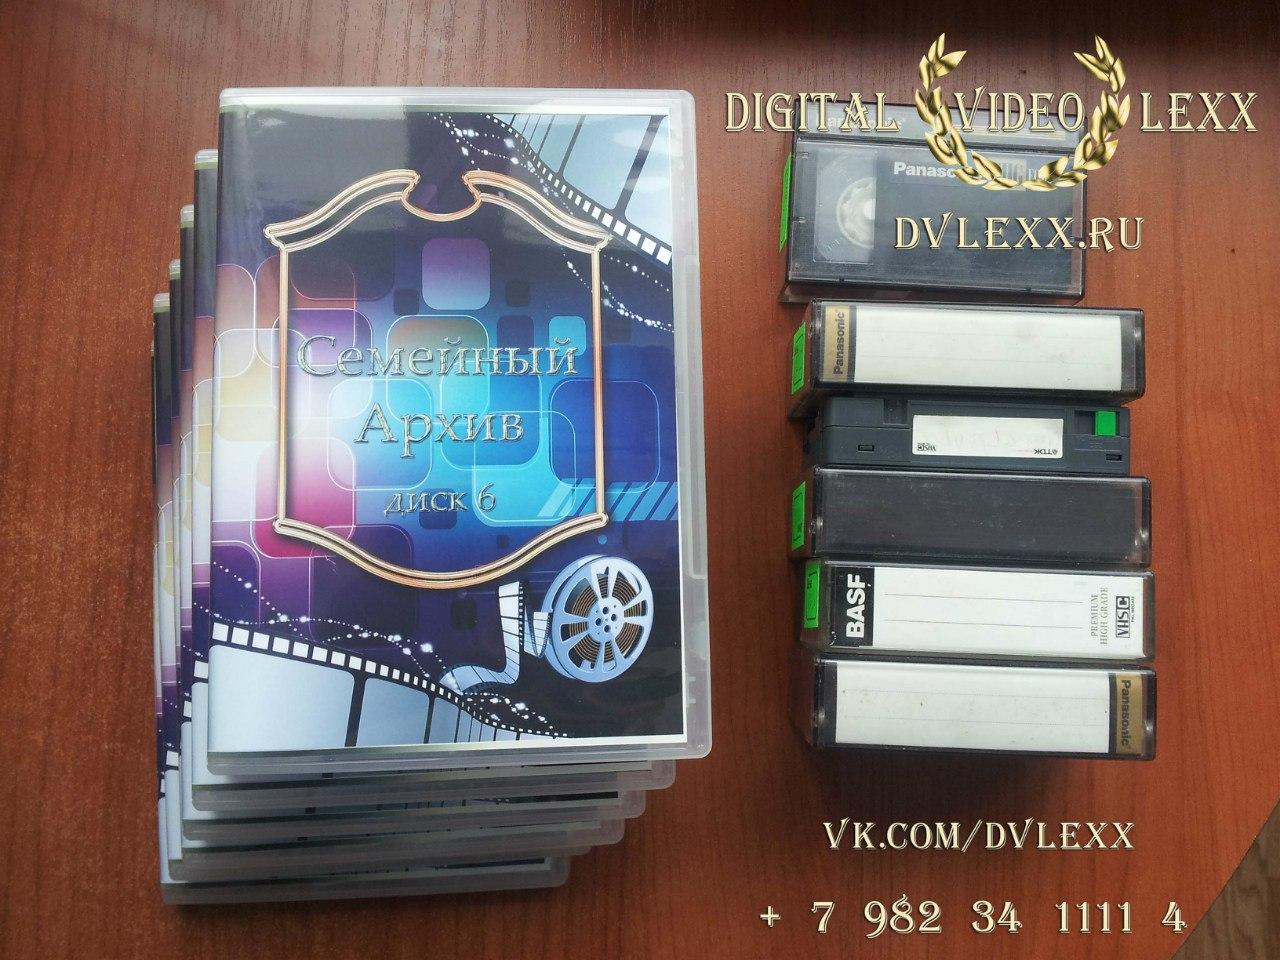 Оцифровка видео кассет 16 мм в Челябинске